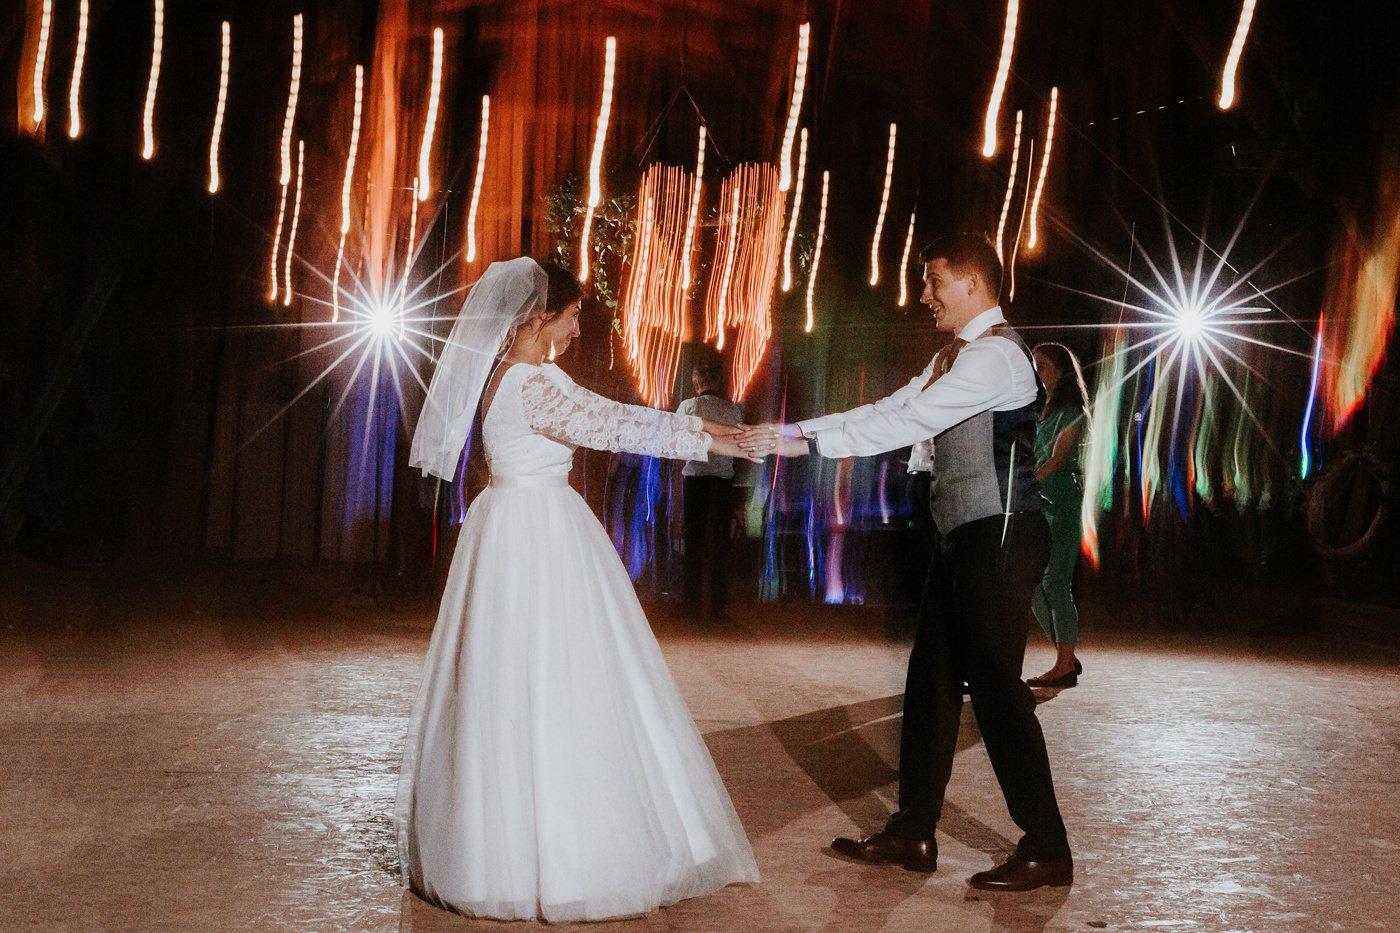 Dominika & Aleksander - Rustykalne wesele w stodole - Baborówko 122